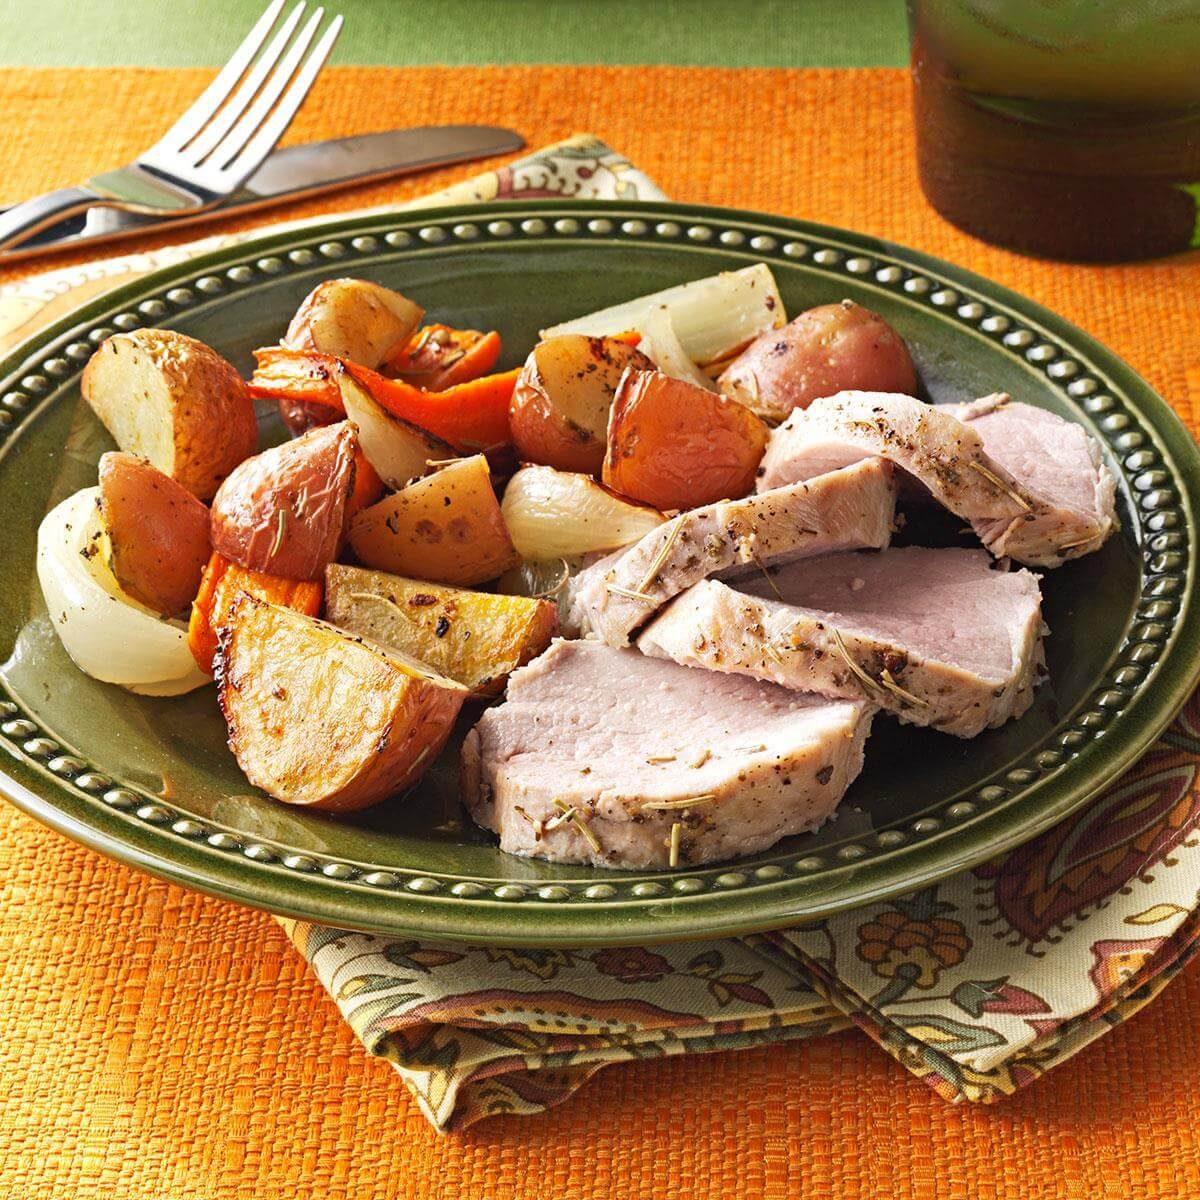 Roasted Pork Tenderloin And Vegetables Recipe